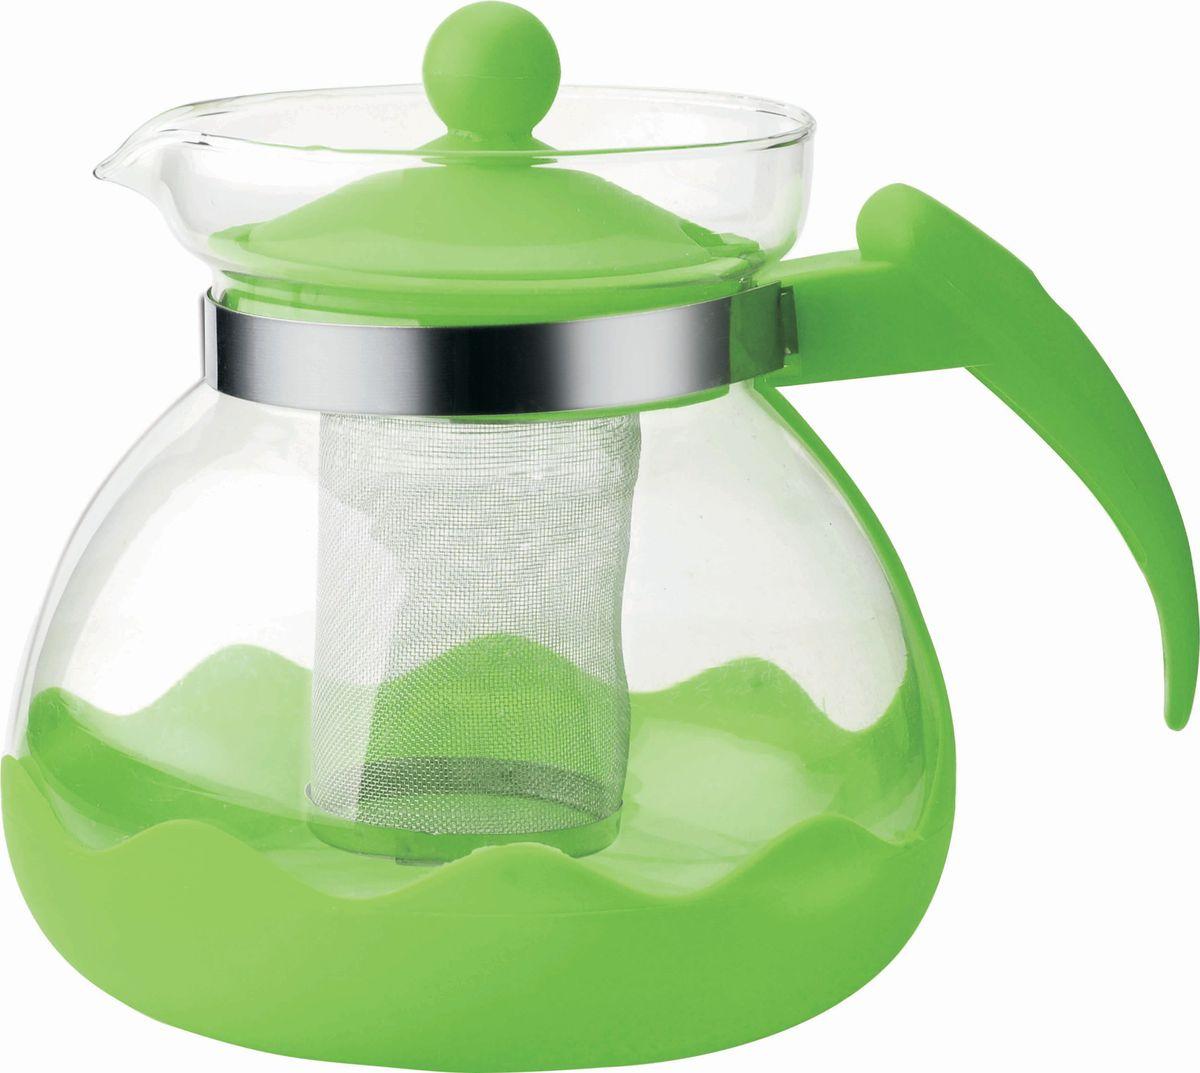 Чайник заварочный Bekker, цвет: темно-зеленый, 1,5 лBK-7627Ручка и крышка пластиковая цветная. Ситечко из нержавеющей стали. Подходит для чистки в посудомоечной машине. Состав: жаропрочное стекло. Объем: 1,5 л.